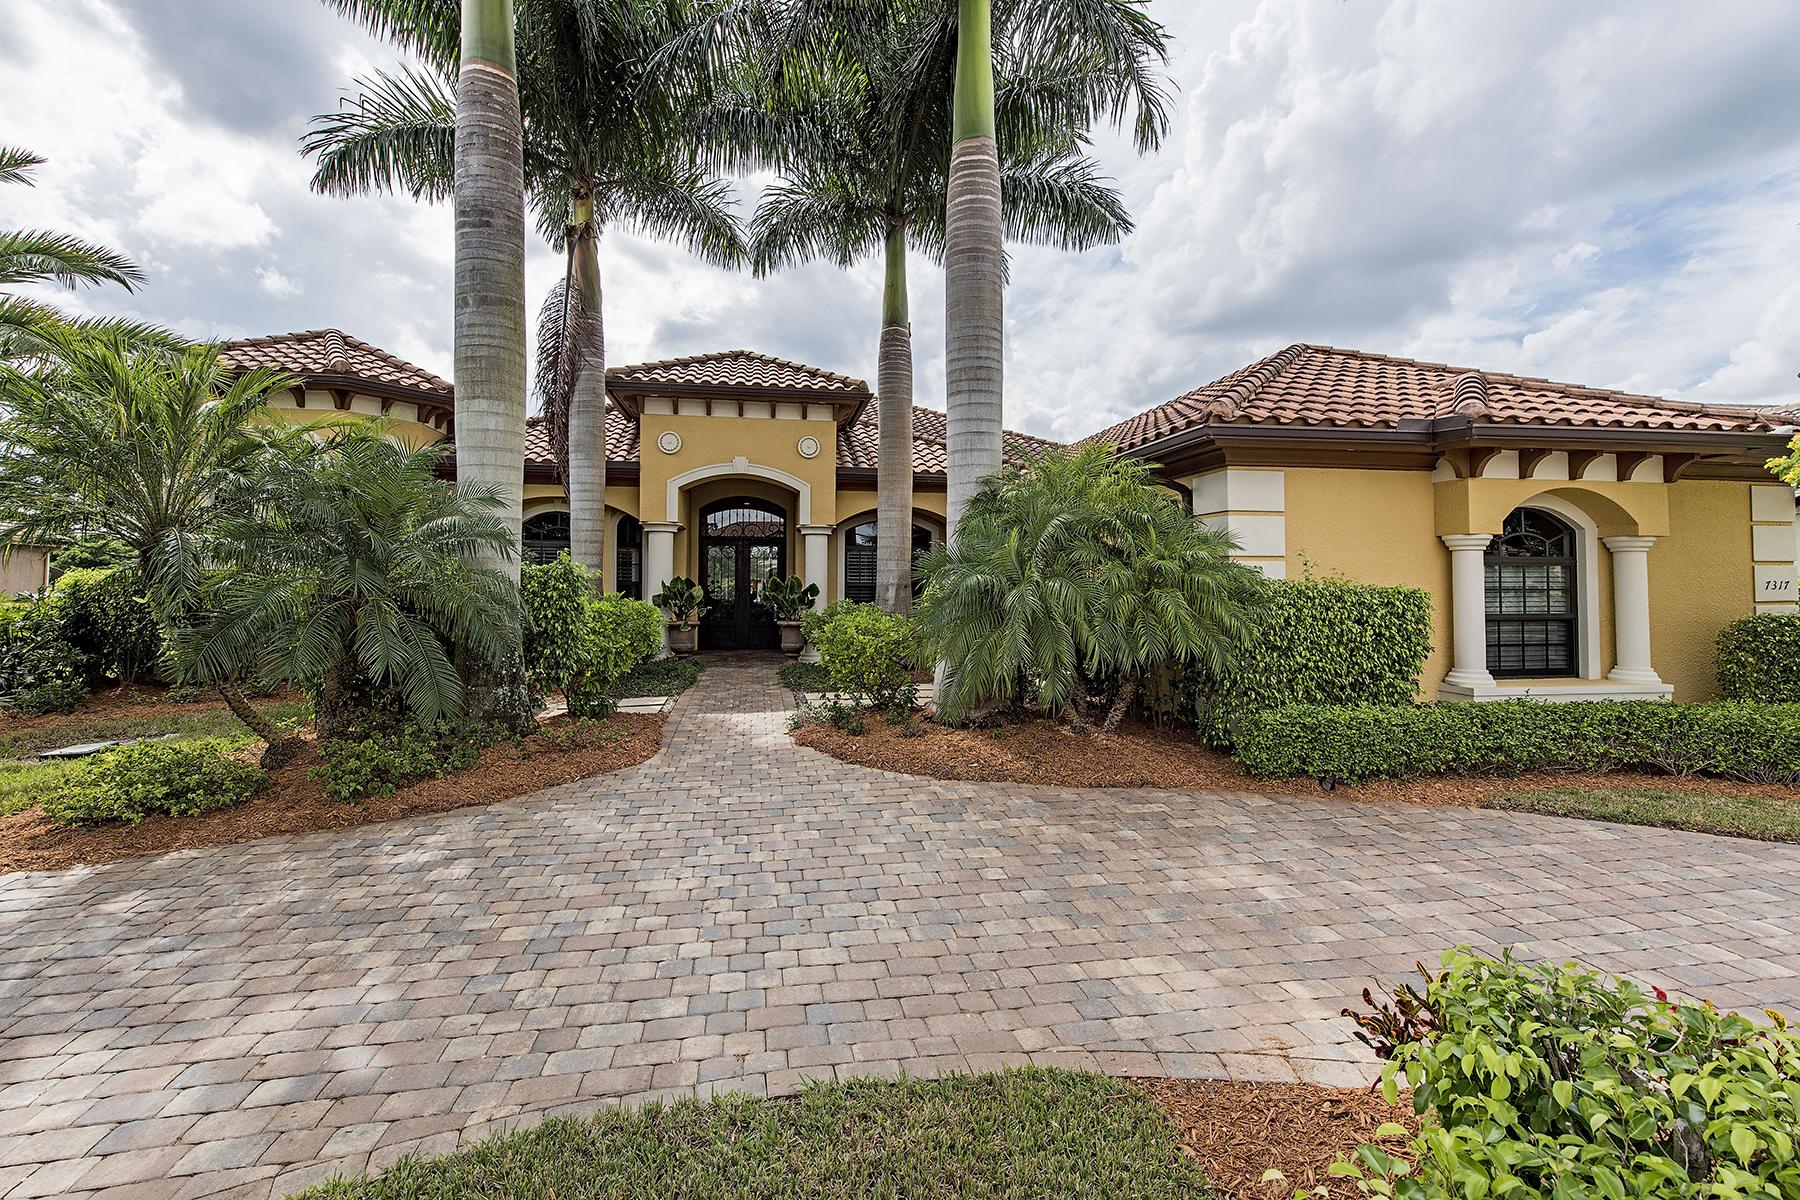 단독 가정 주택 용 매매 에 LELY RESORT - CLASSICS PLANTATION ESTATES 7317 Hagen Way Naples, 플로리다 34113 미국